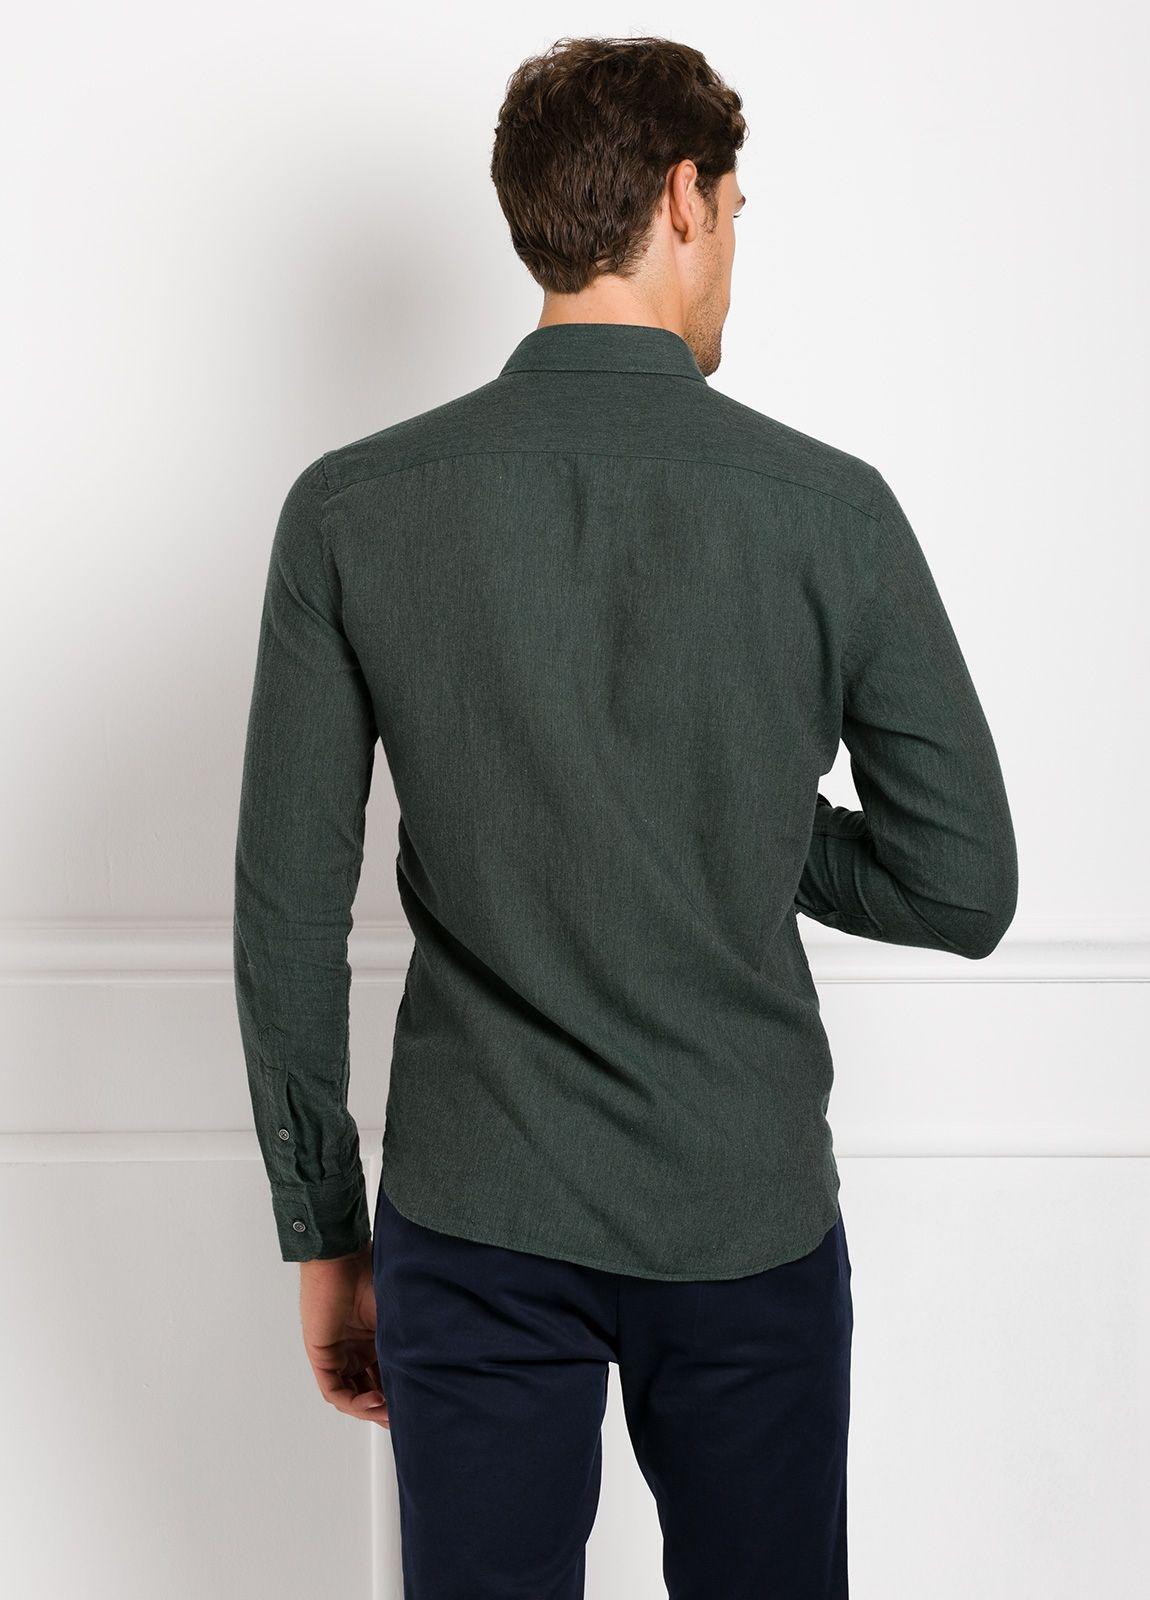 Camisa Leisure Wear REGULAR FIT BOTÓN DOWN, lisa color verde botella. 100% Algodón. - Ítem1